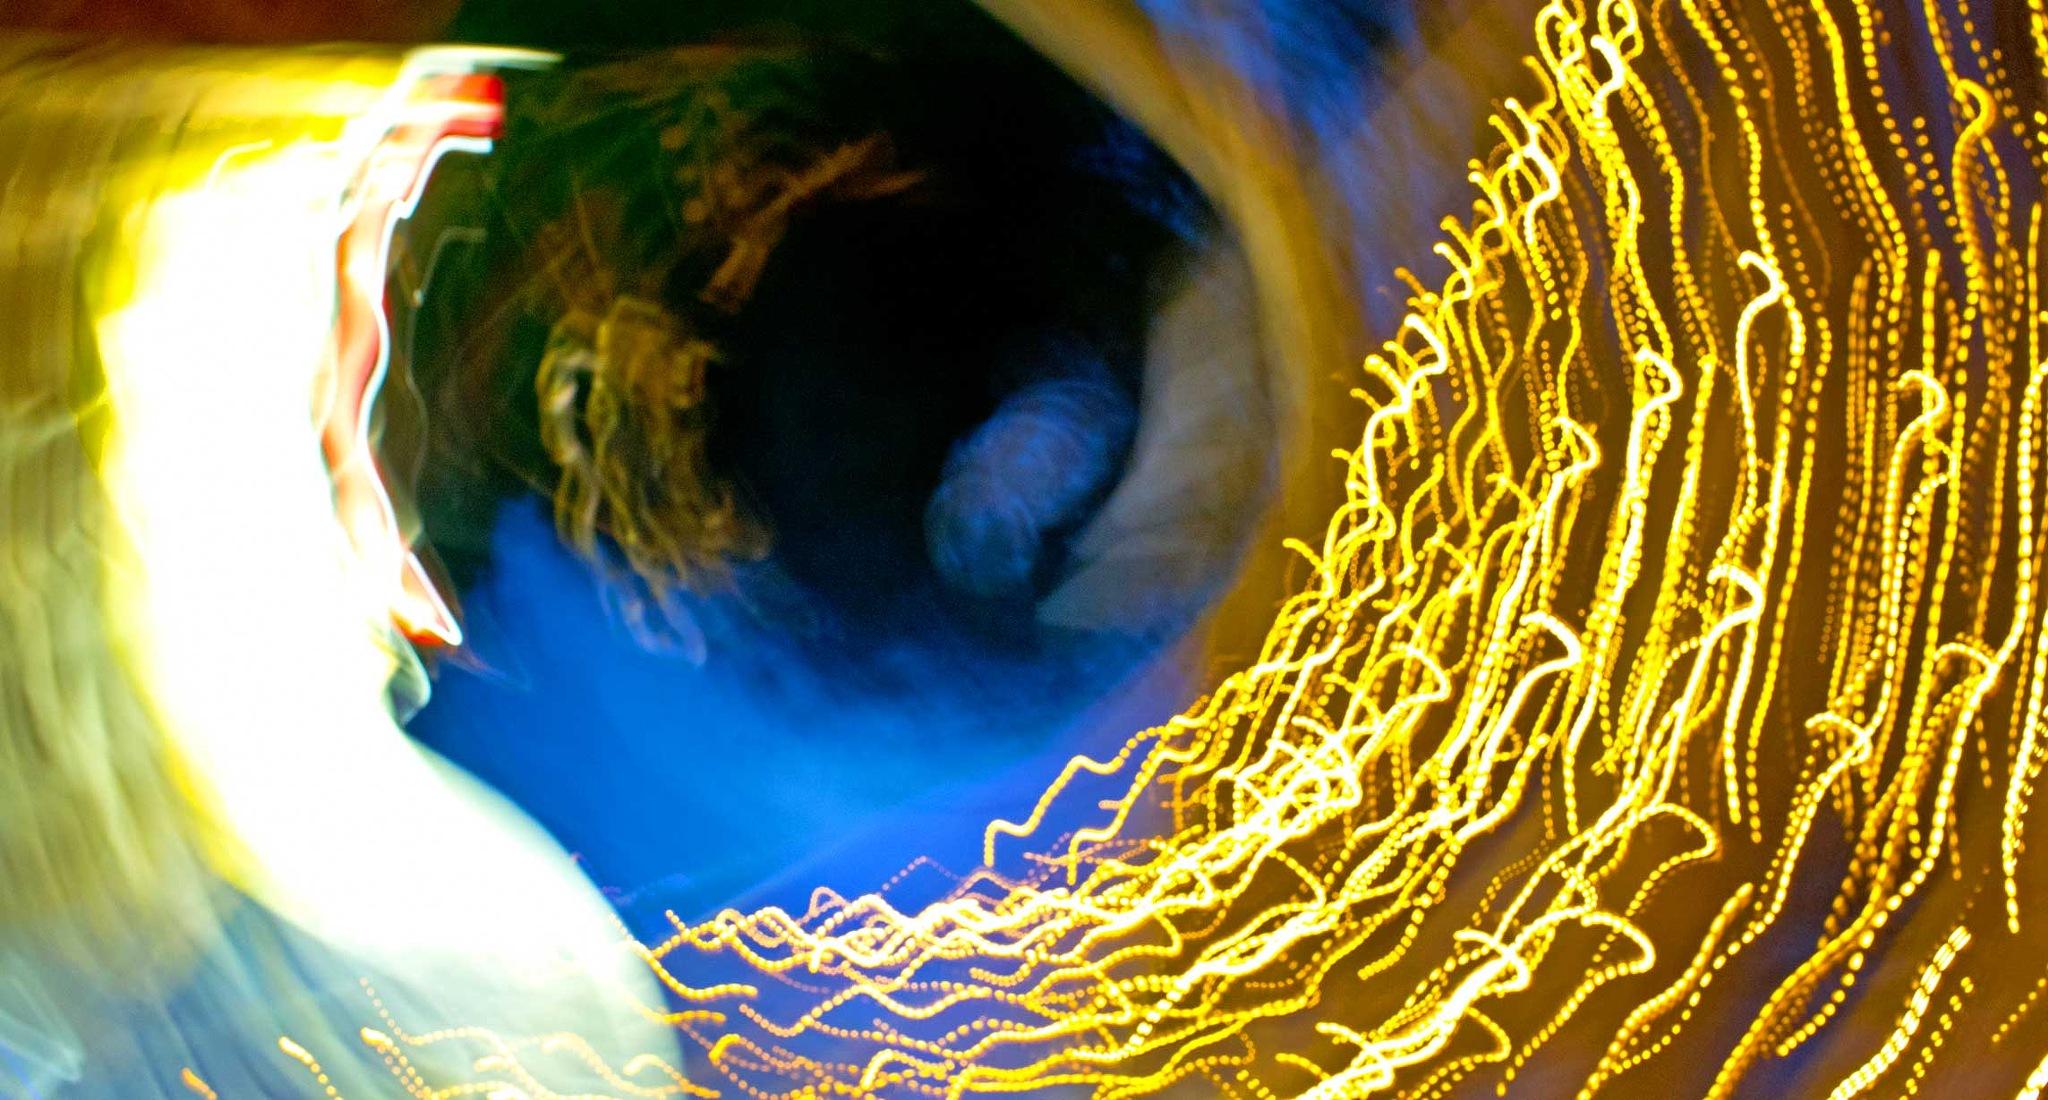 Light Tunnel by Hugh Jones